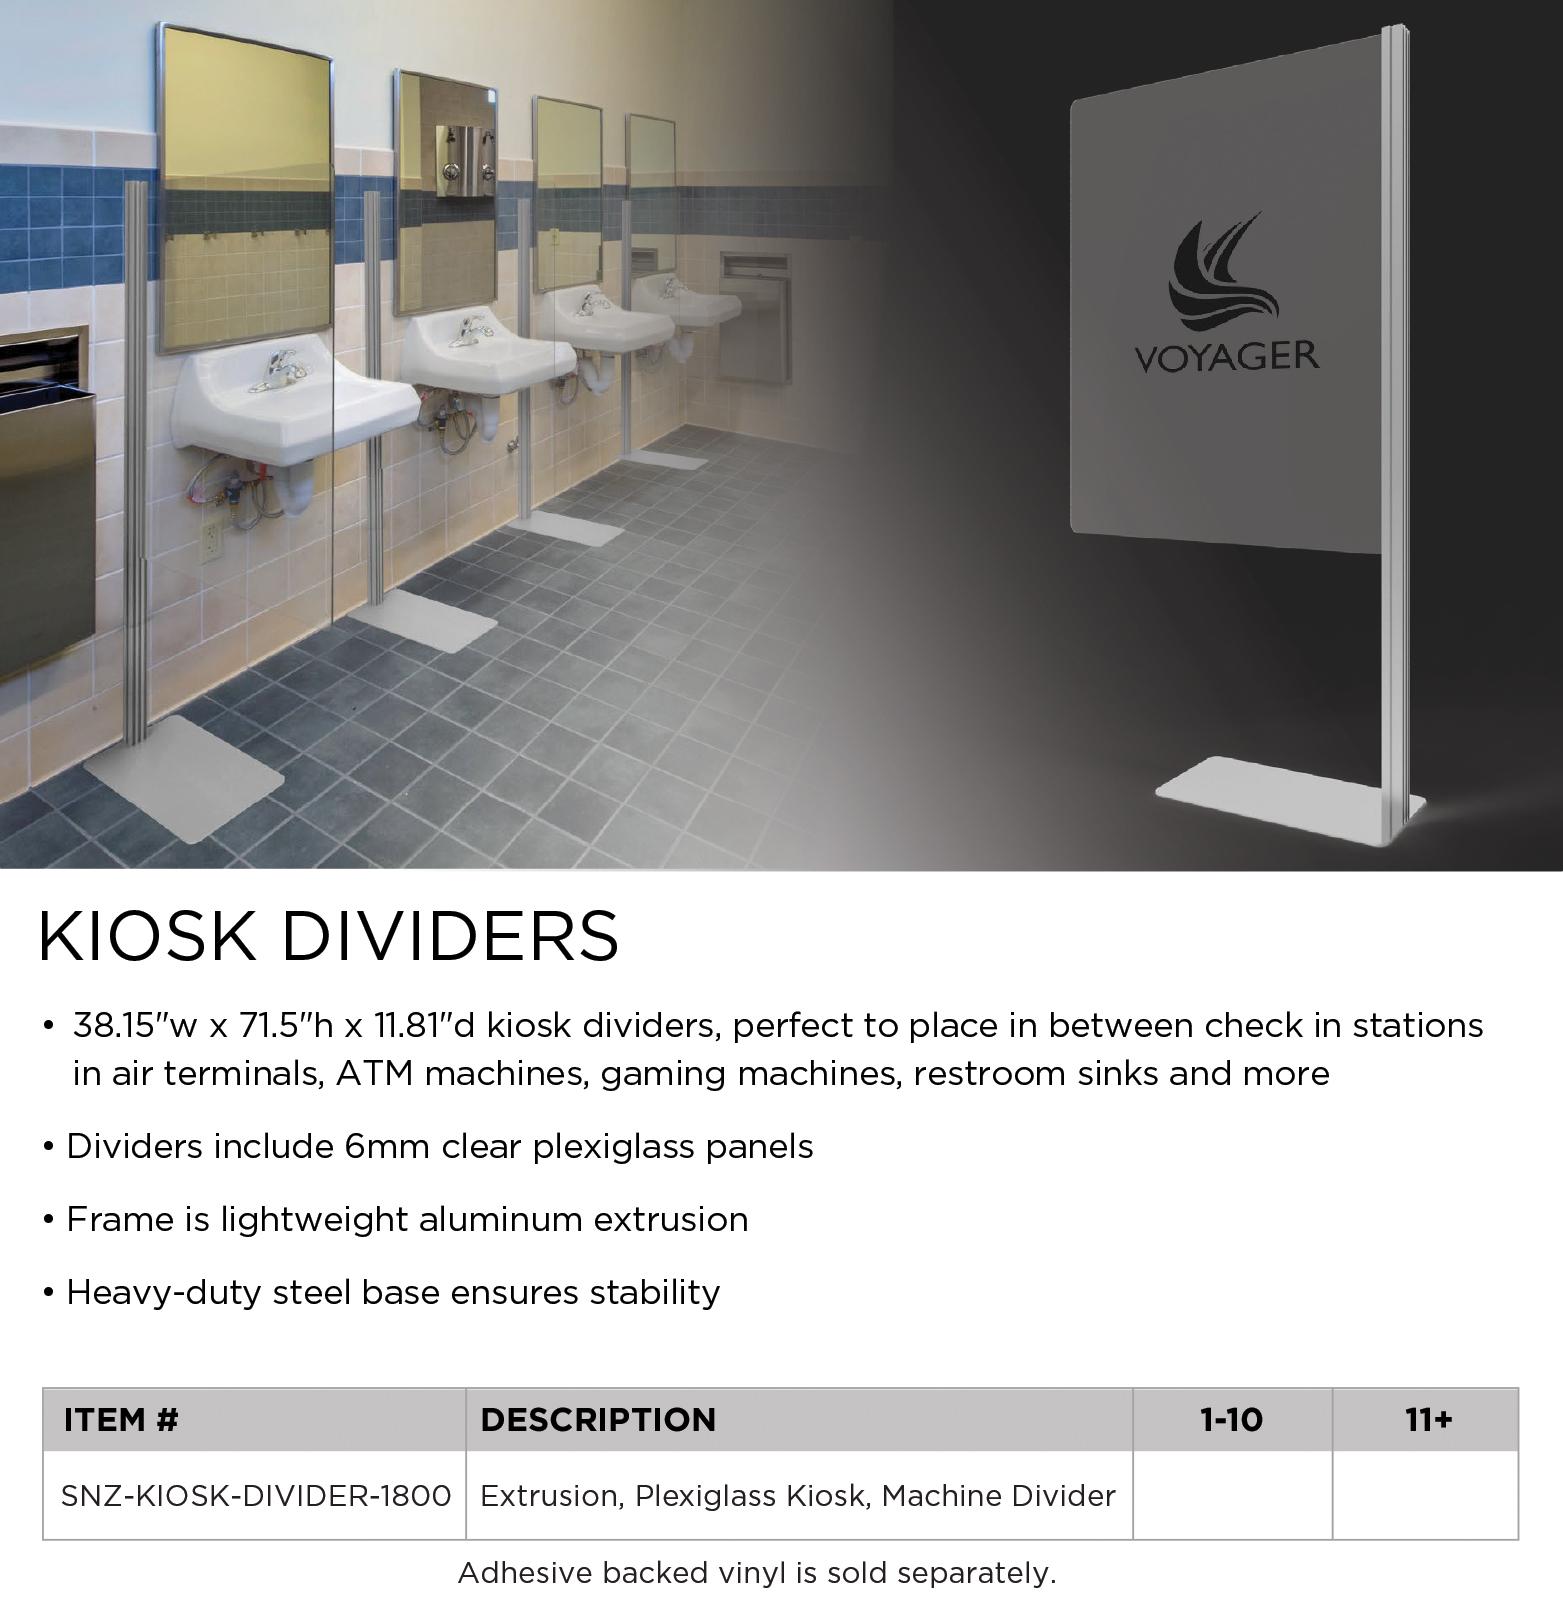 kiosk-dividers-2.jpg